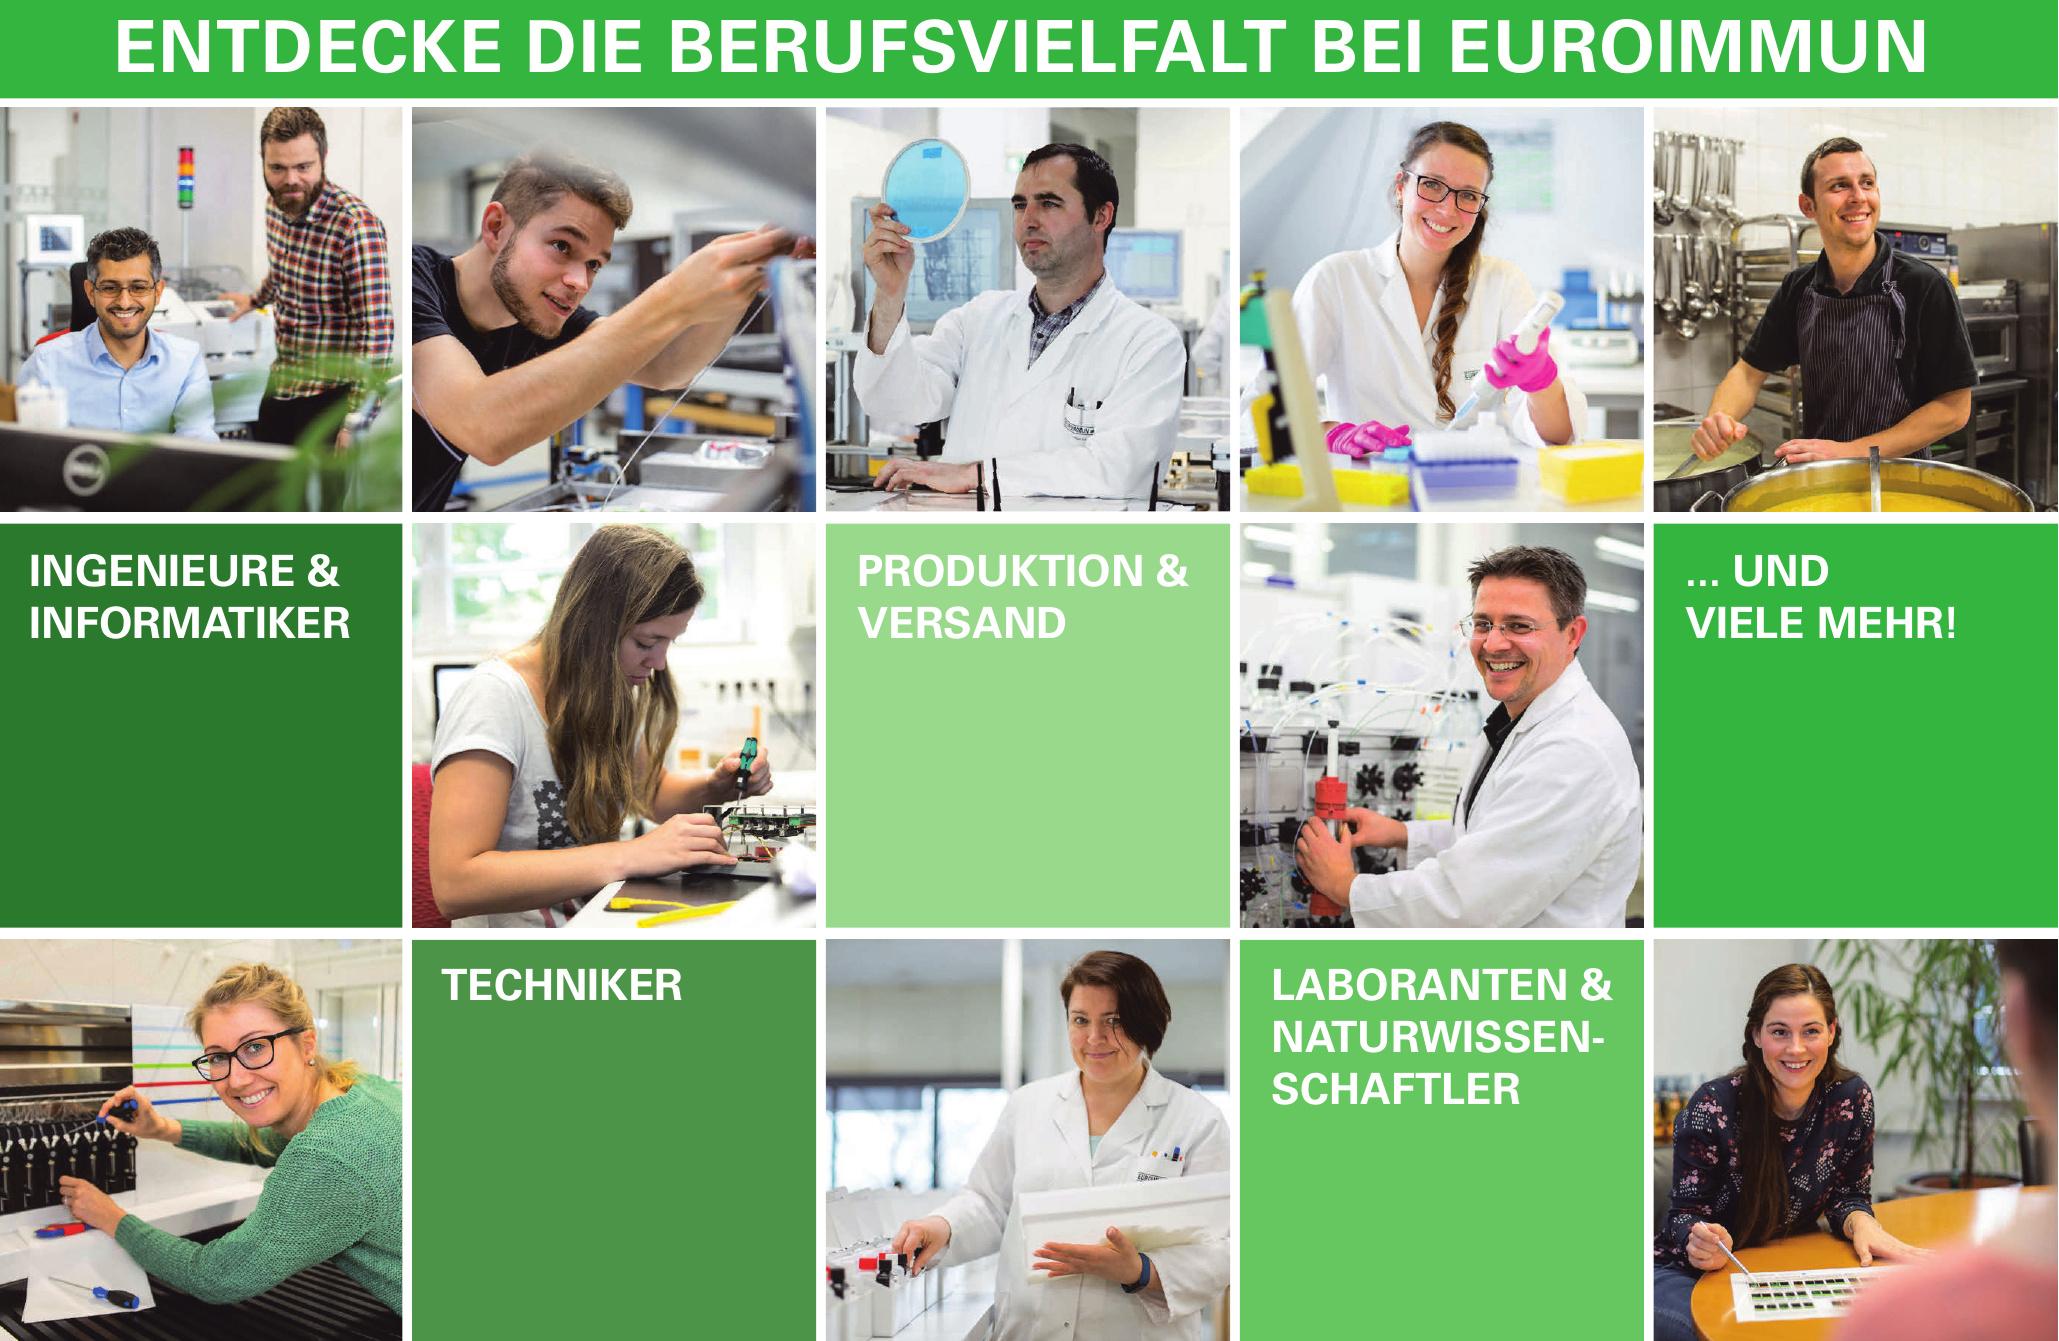 Entdecke die Berufsvielfalt bei Euroimmun